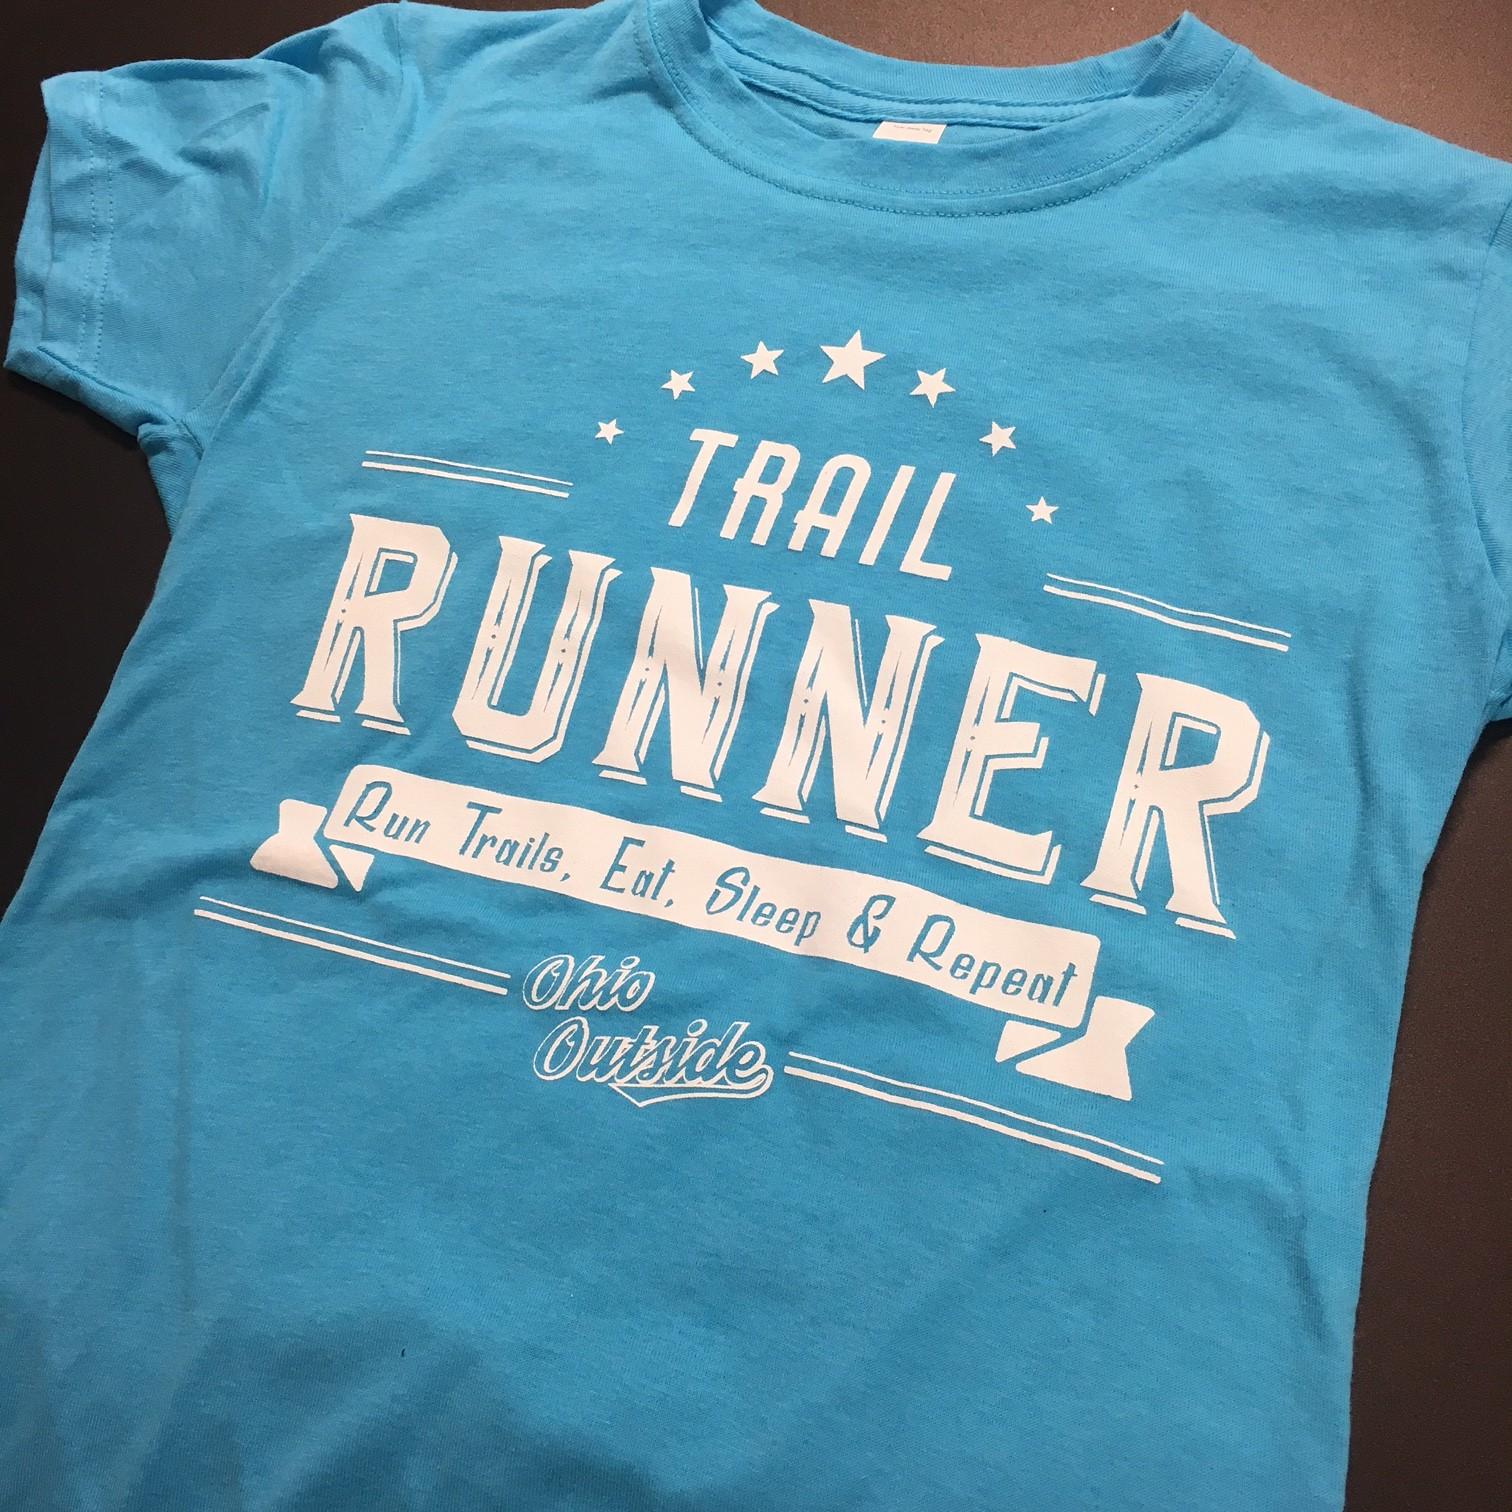 10dab563e480 Women s Ohio Outside Trail Runner Tee